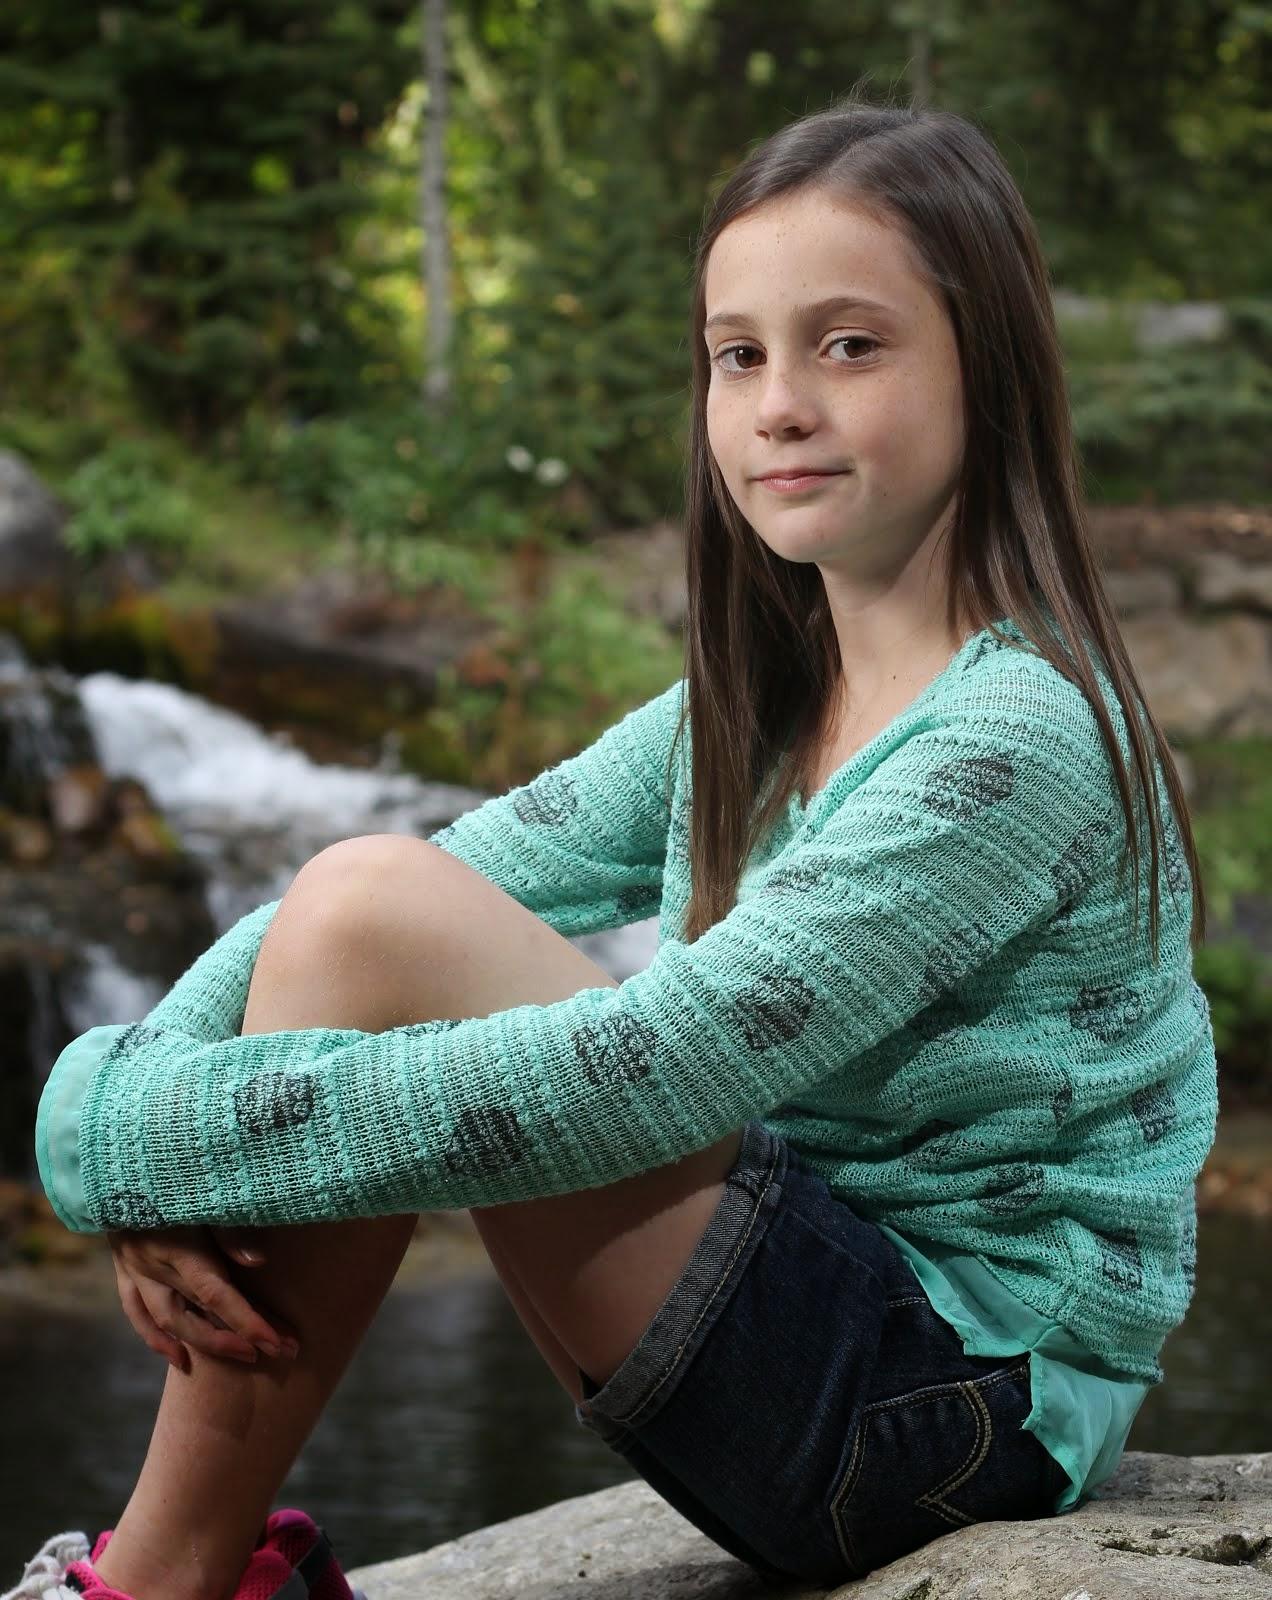 Hannah Beth